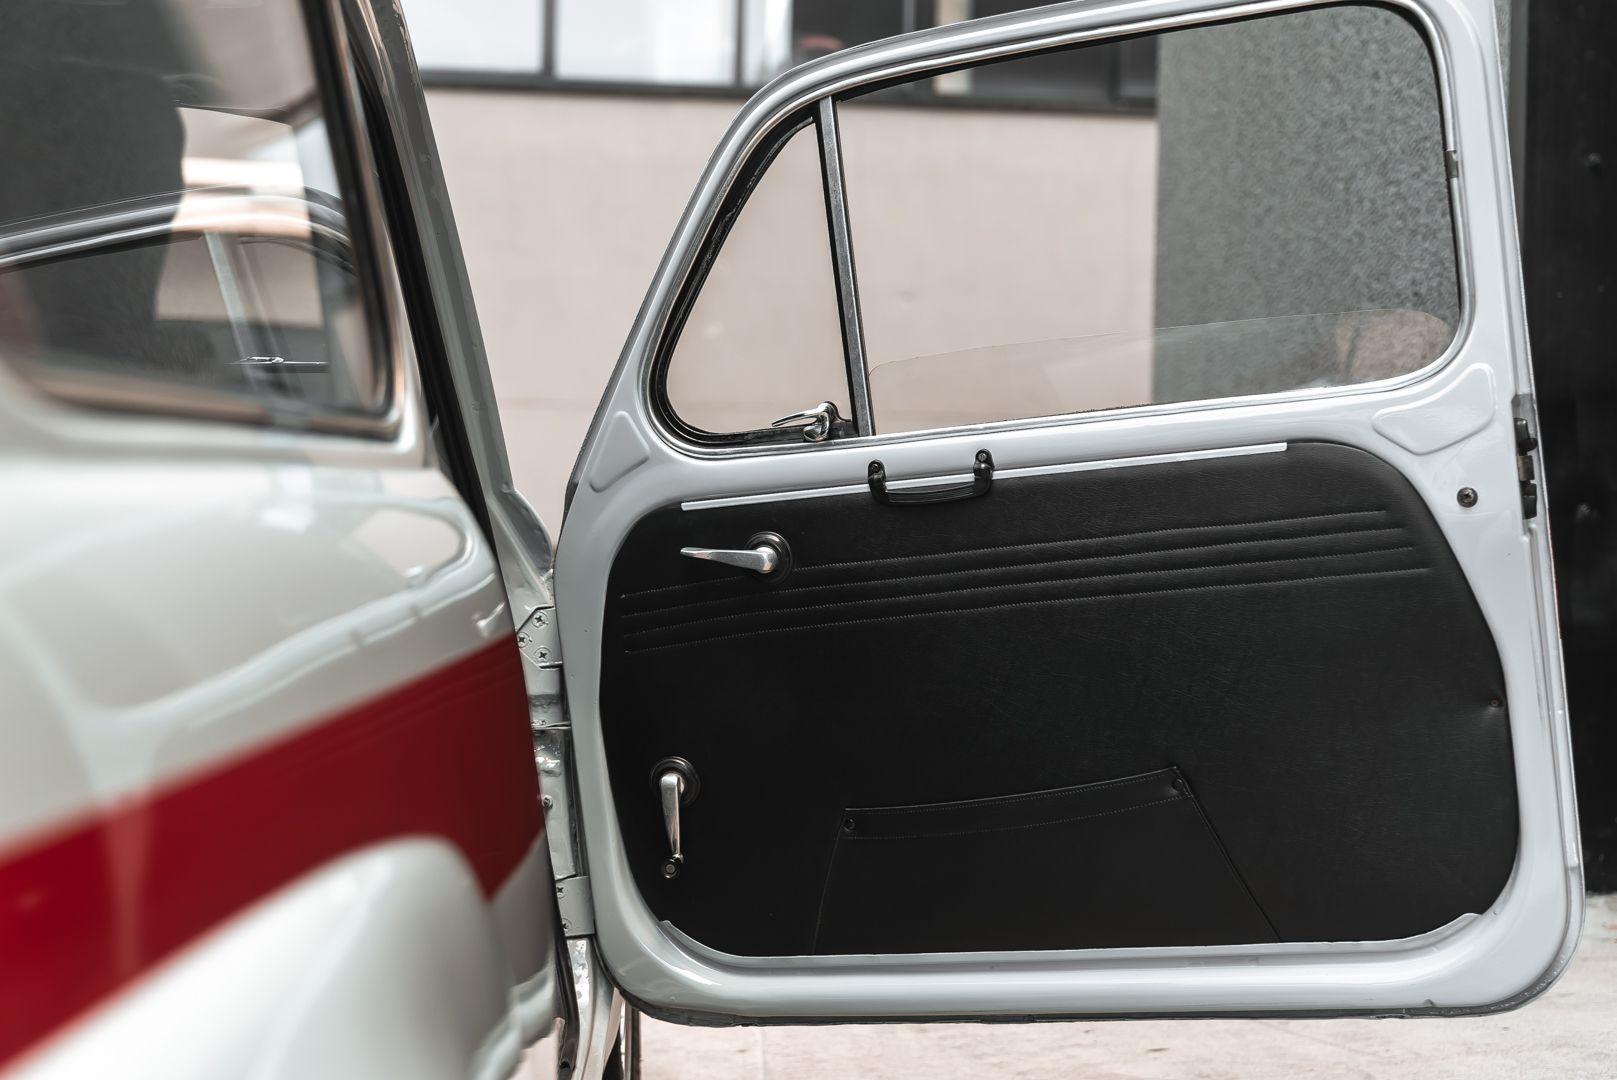 1967 Fiat 600 D Abarth Replica 80490